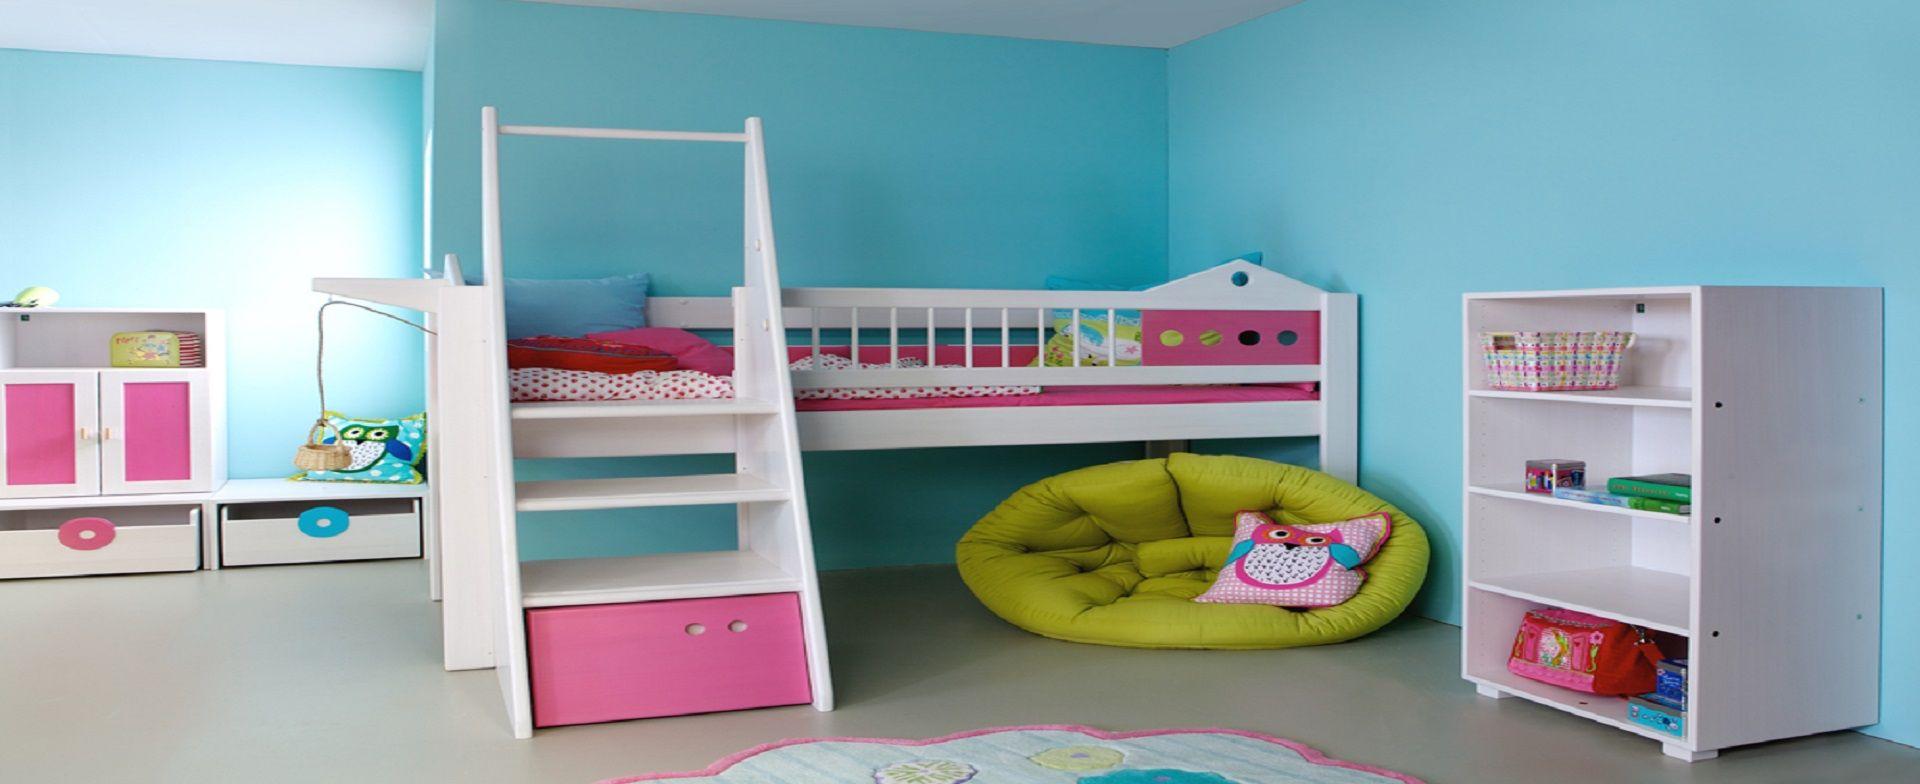 kids room blue & pink